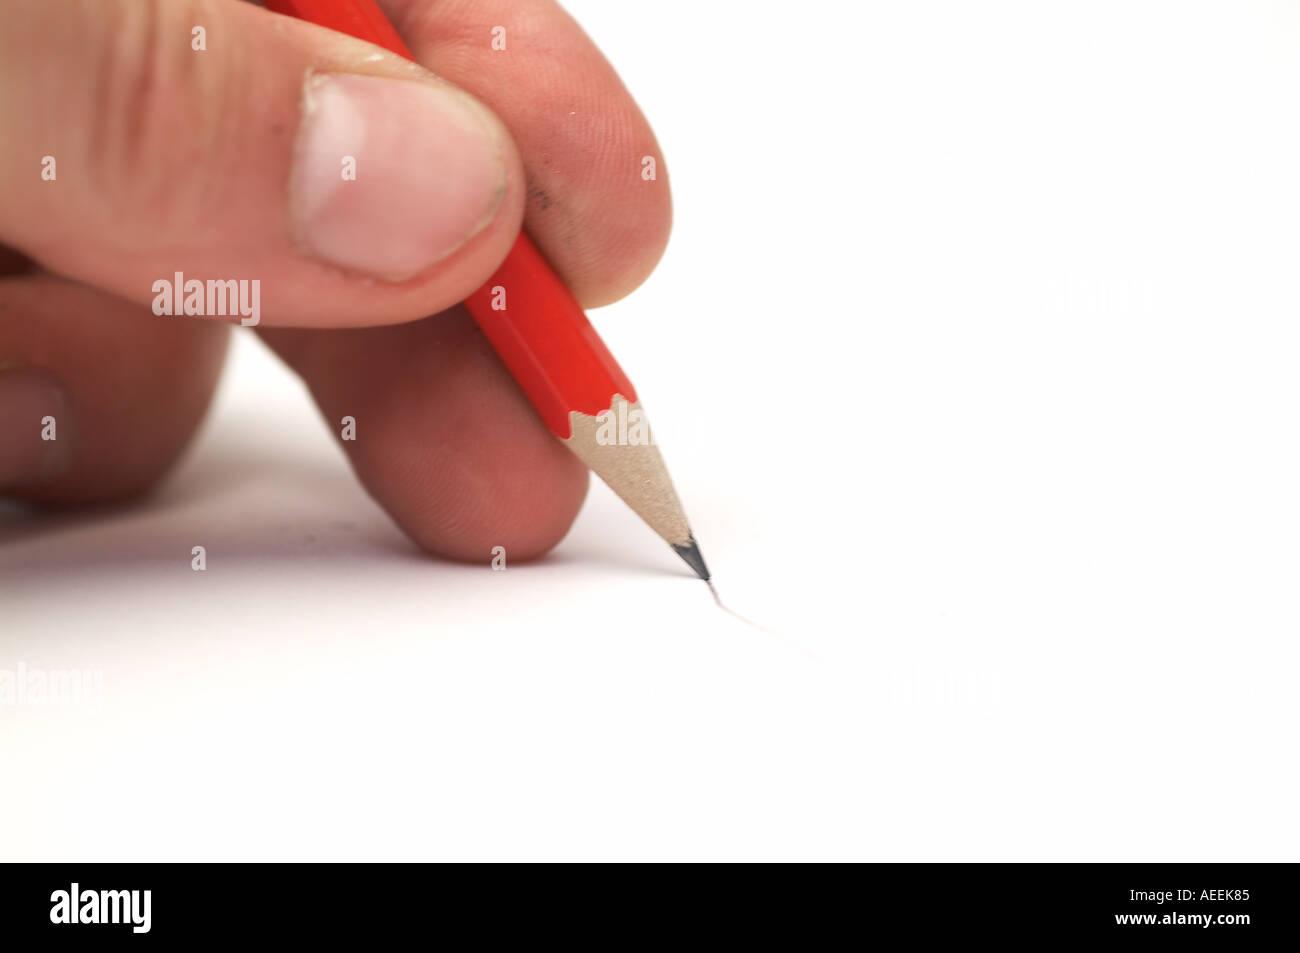 Écrire écriture écrivain attirer l'artiste art dessin au crayon papier artistique page blanche bloc note memo écrivains idée doodl doodle scribble Photo Stock